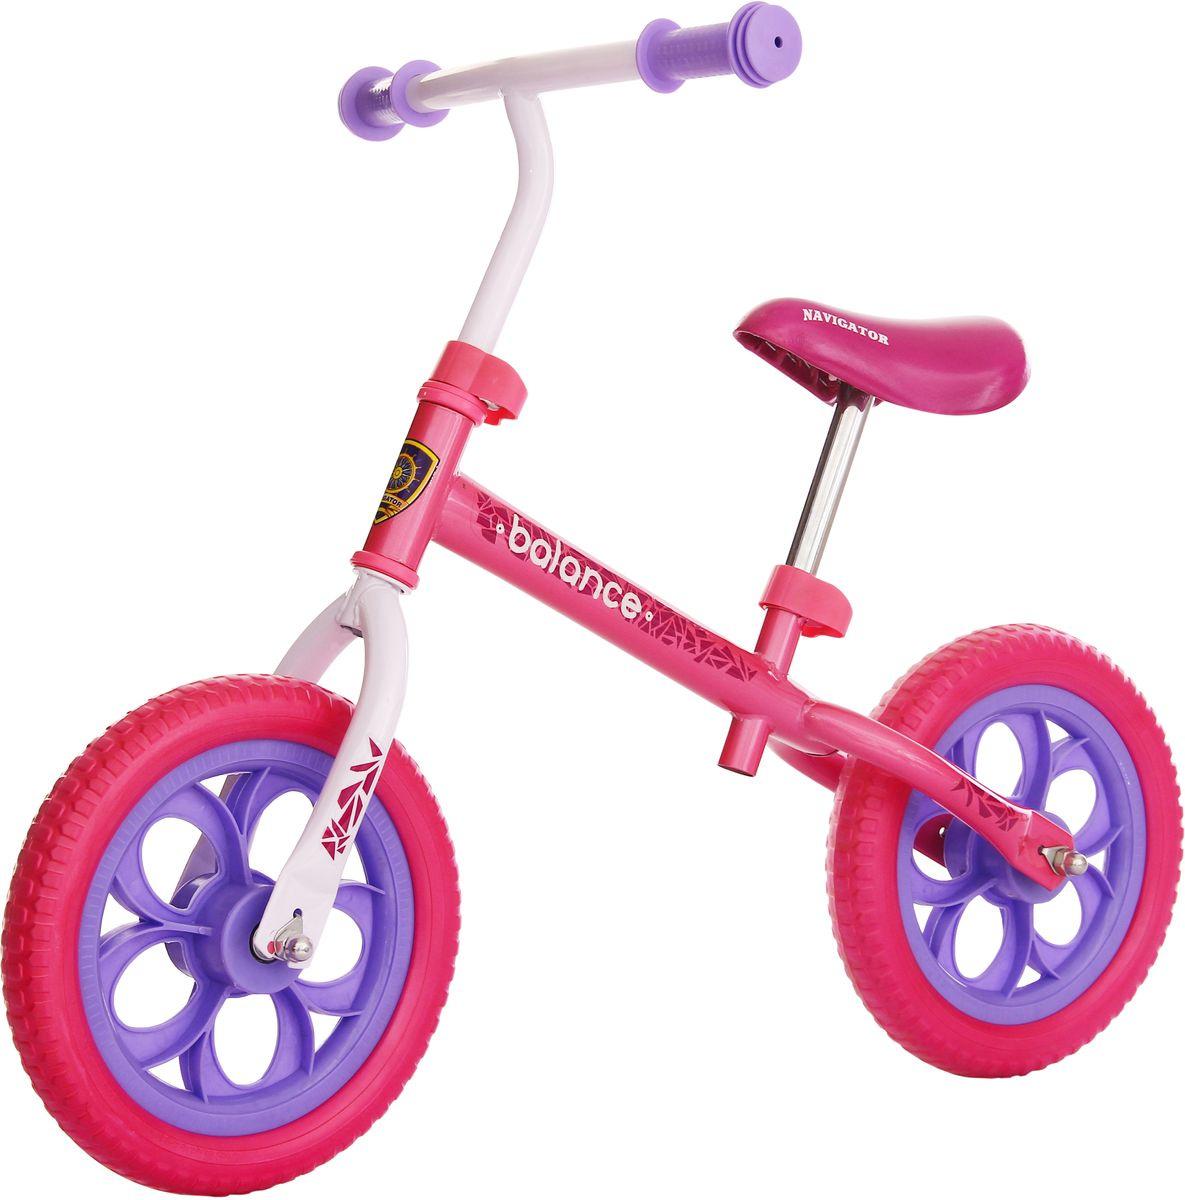 a9a2c31d6a1 Navigator Беговел детский Balance — купить в интернет-магазине OZON с  быстрой доставкой